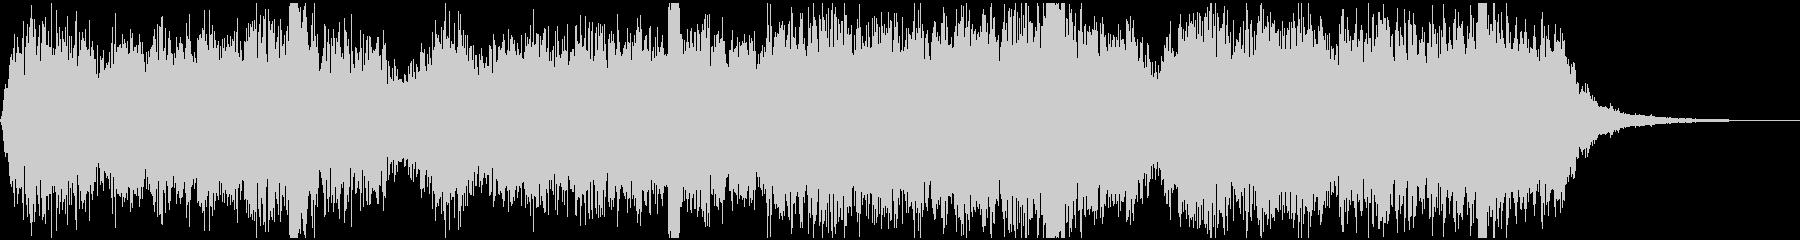 厳かな雰囲気のBGMの未再生の波形